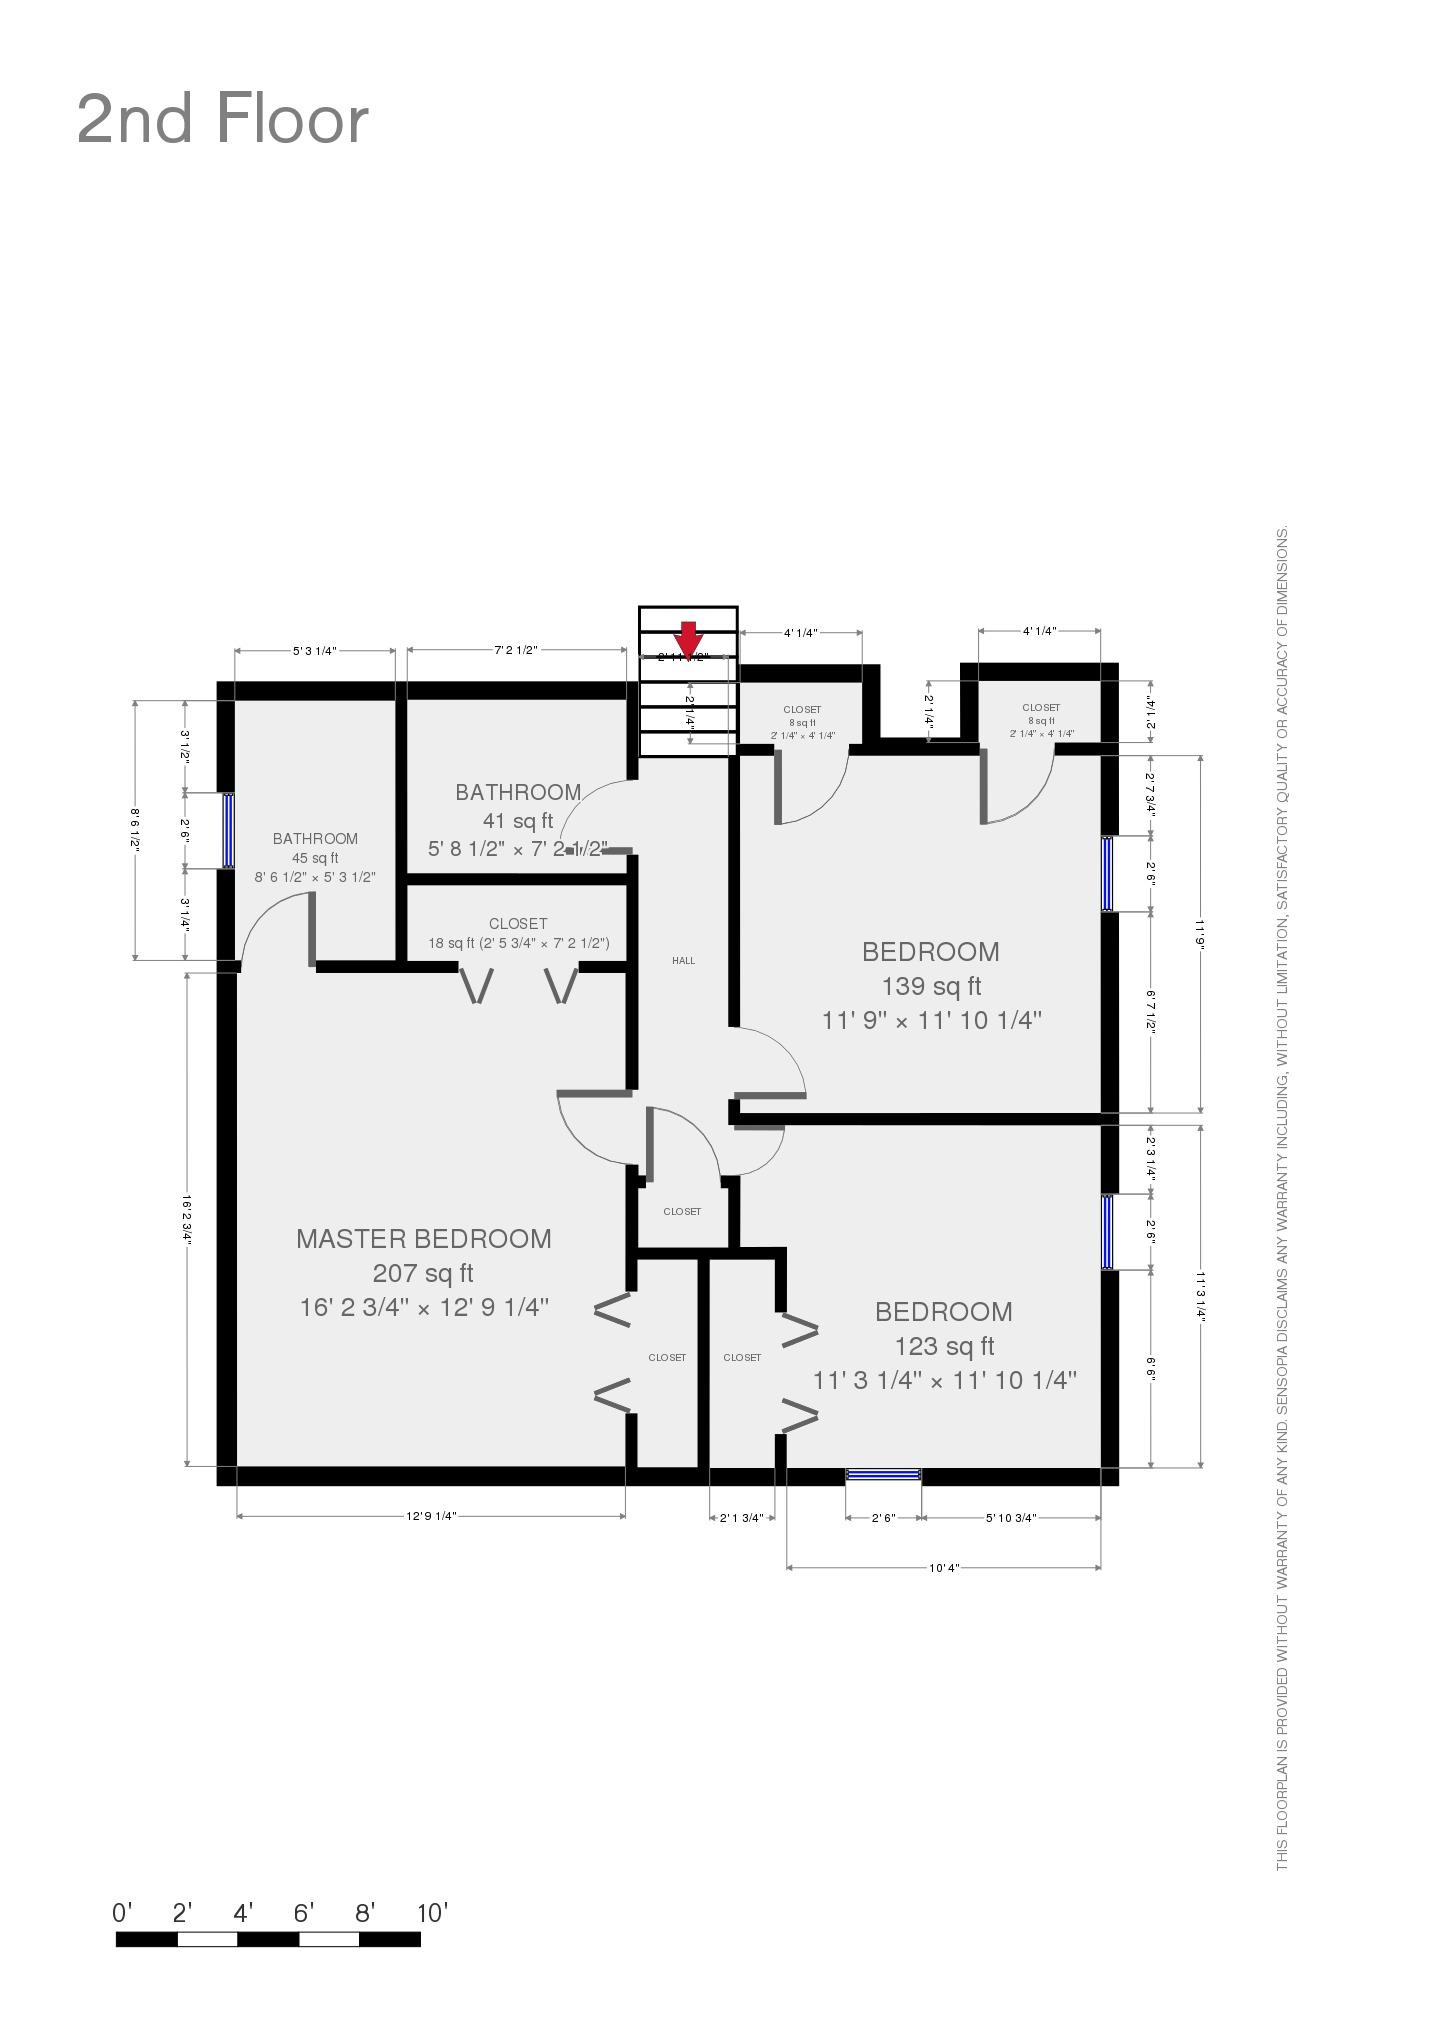 Plan 2 - 2nd Floor.jpg